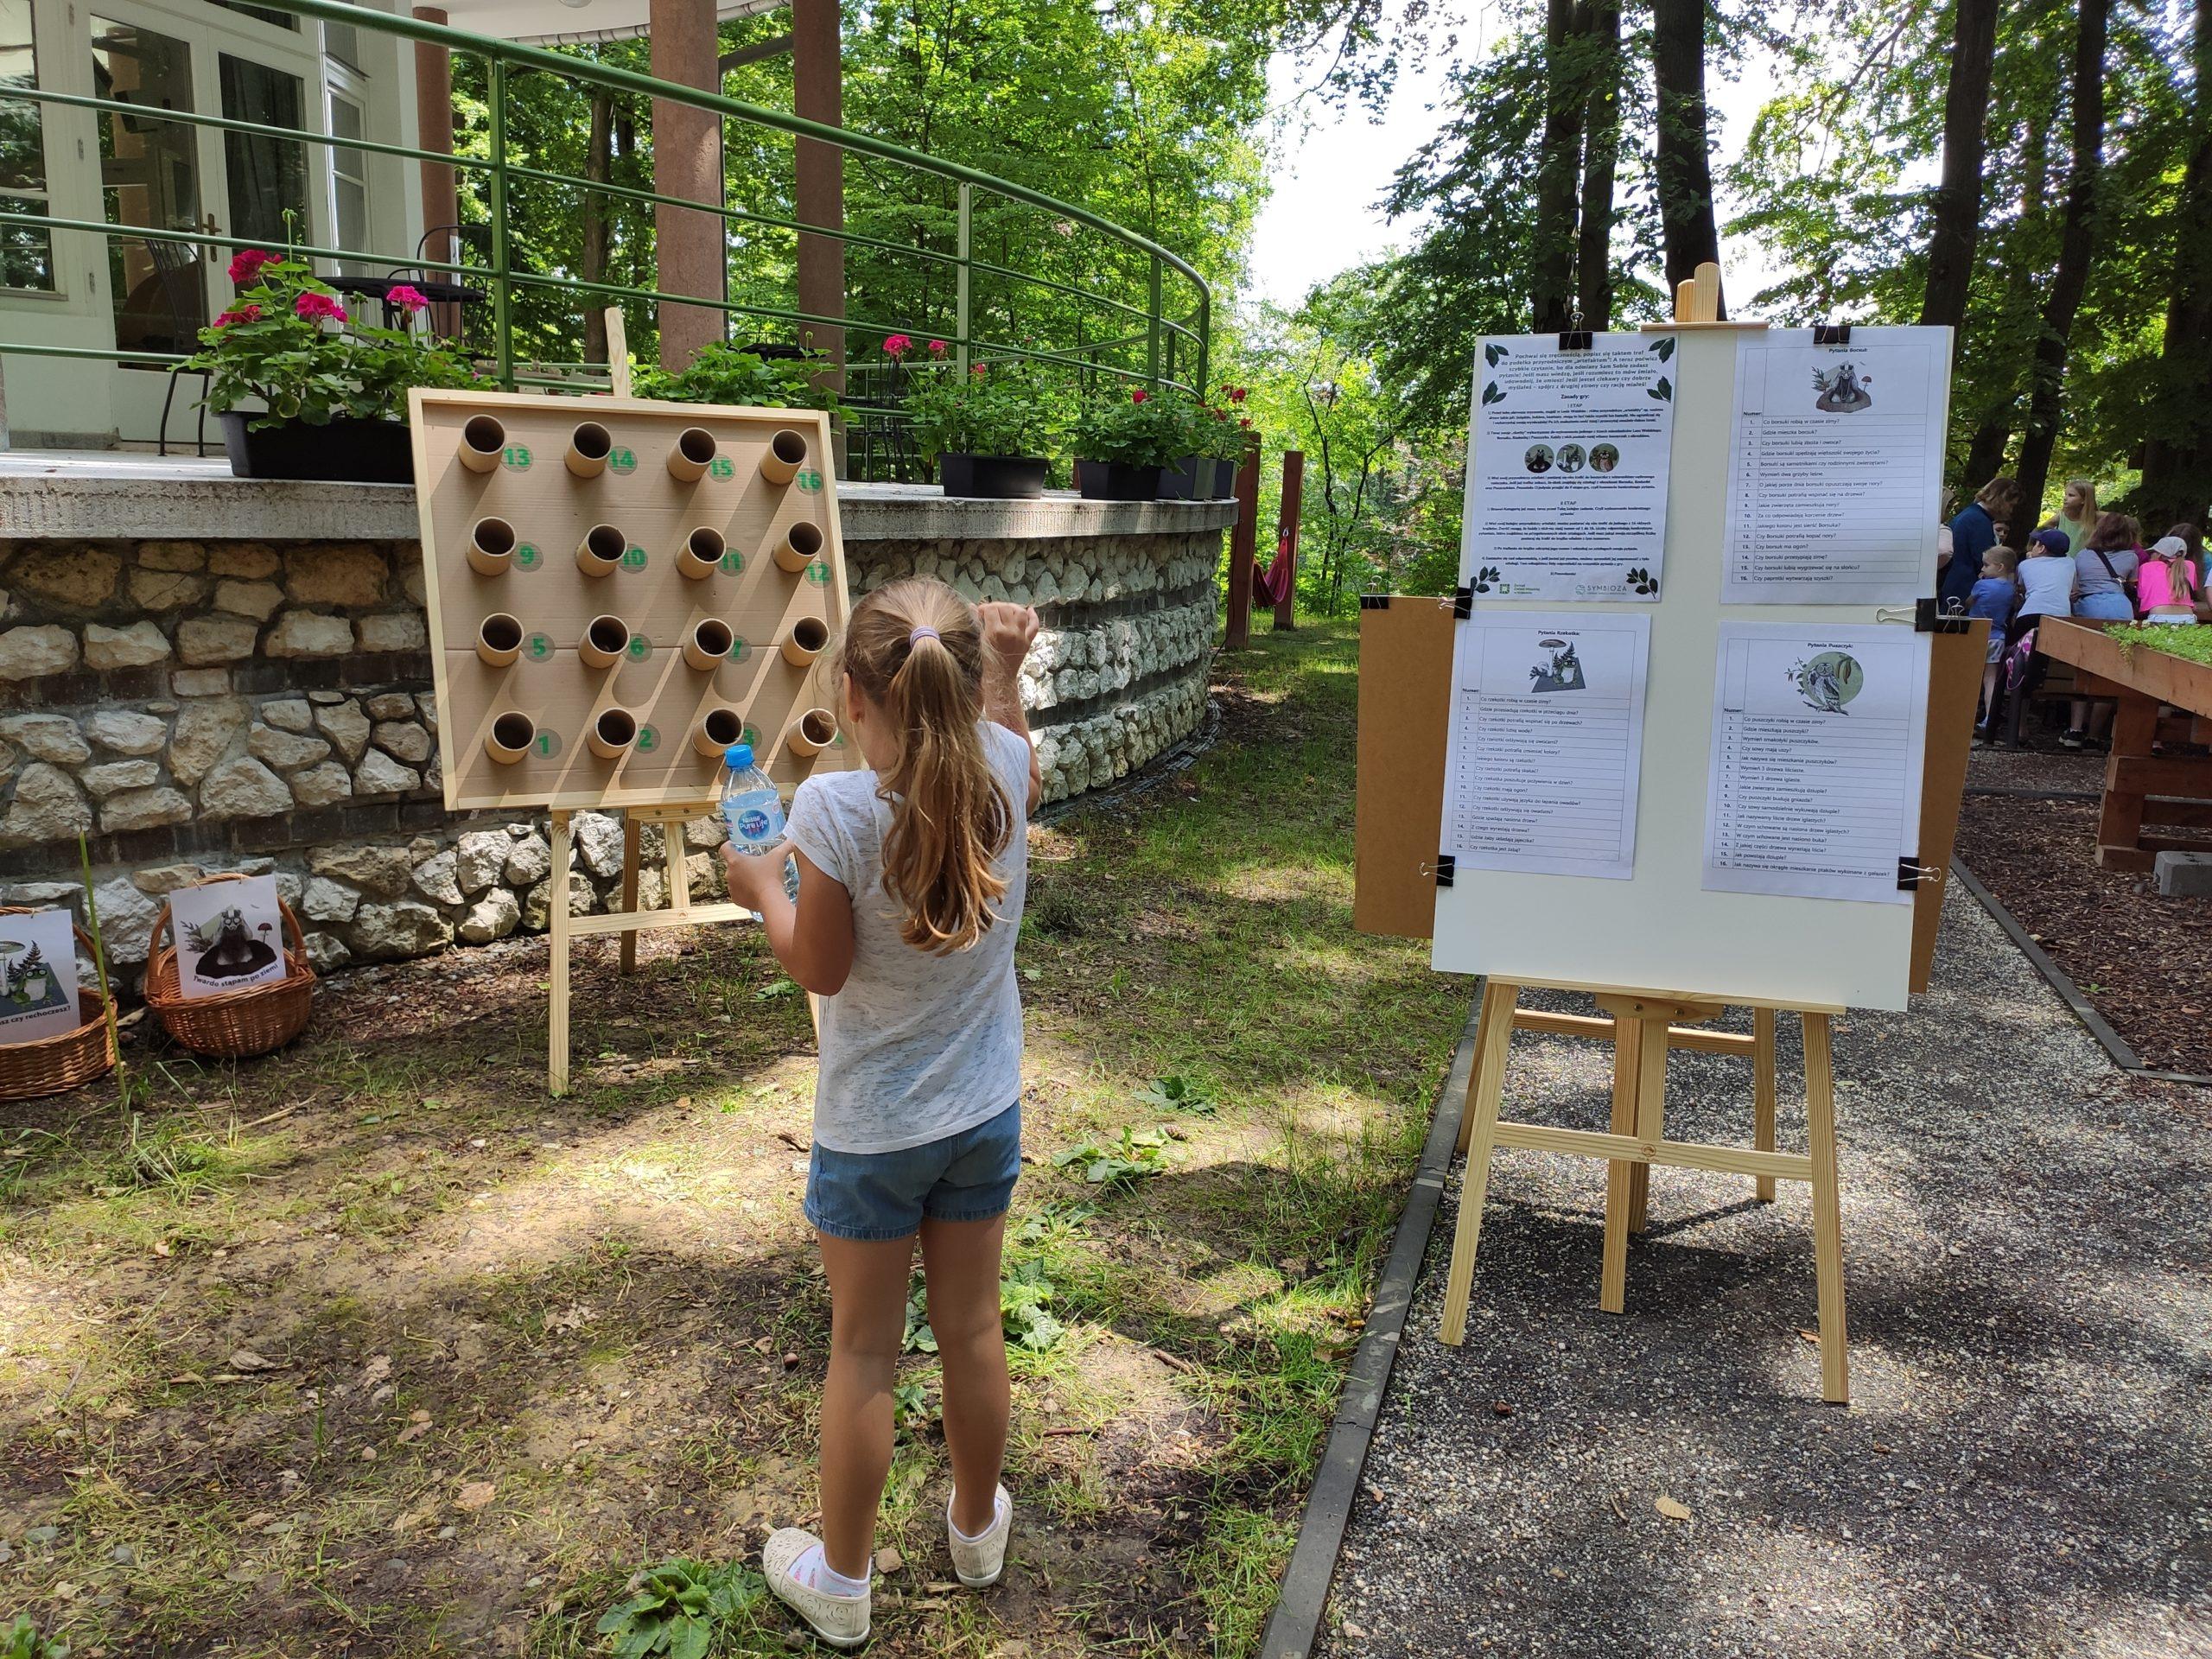 Zdjęcie przedstawiające dziewczynkę grającą w grę terenową leśny dart - rzuca kamieniem do obręczy przed budynkiem CEE Symbioza